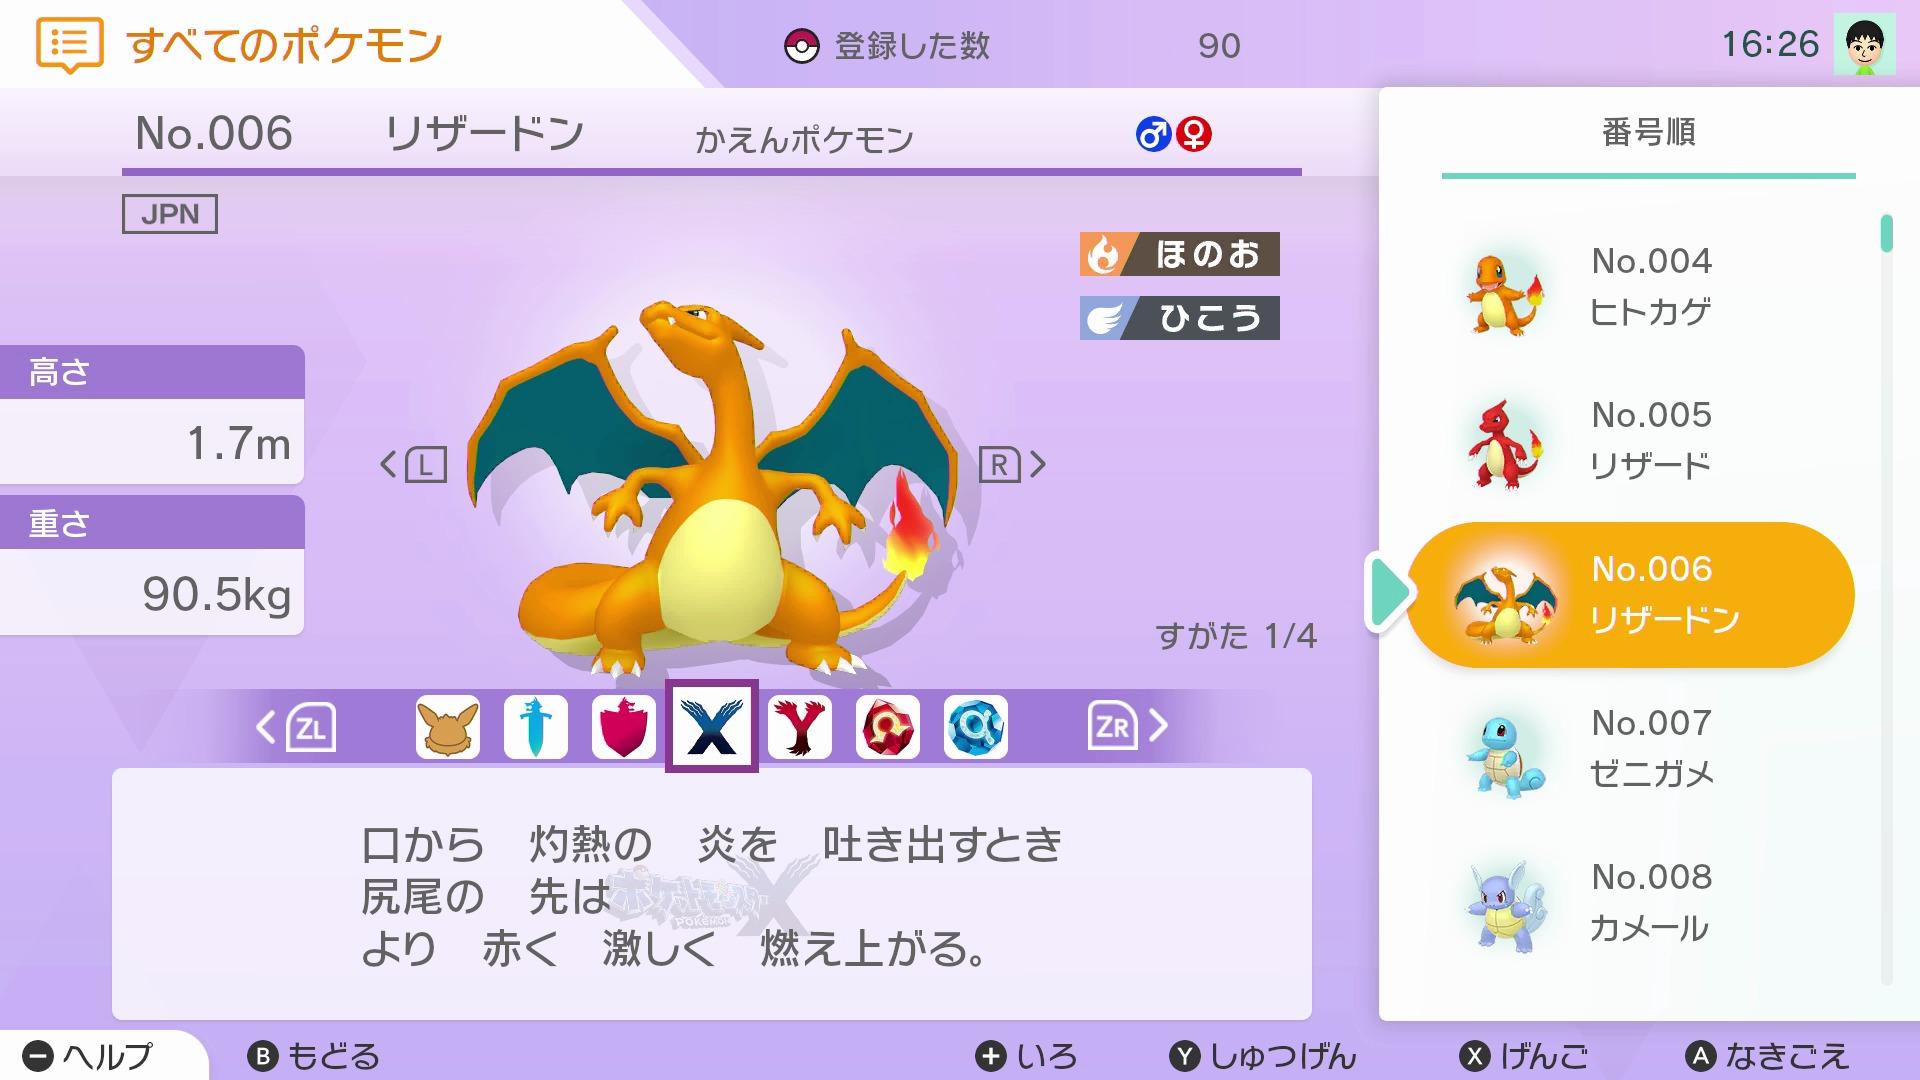 リザードン図鑑 (C)2020 Pokémon. (C)1995-2020 Nintendo/Creatures Inc. /GAME FREAK inc.